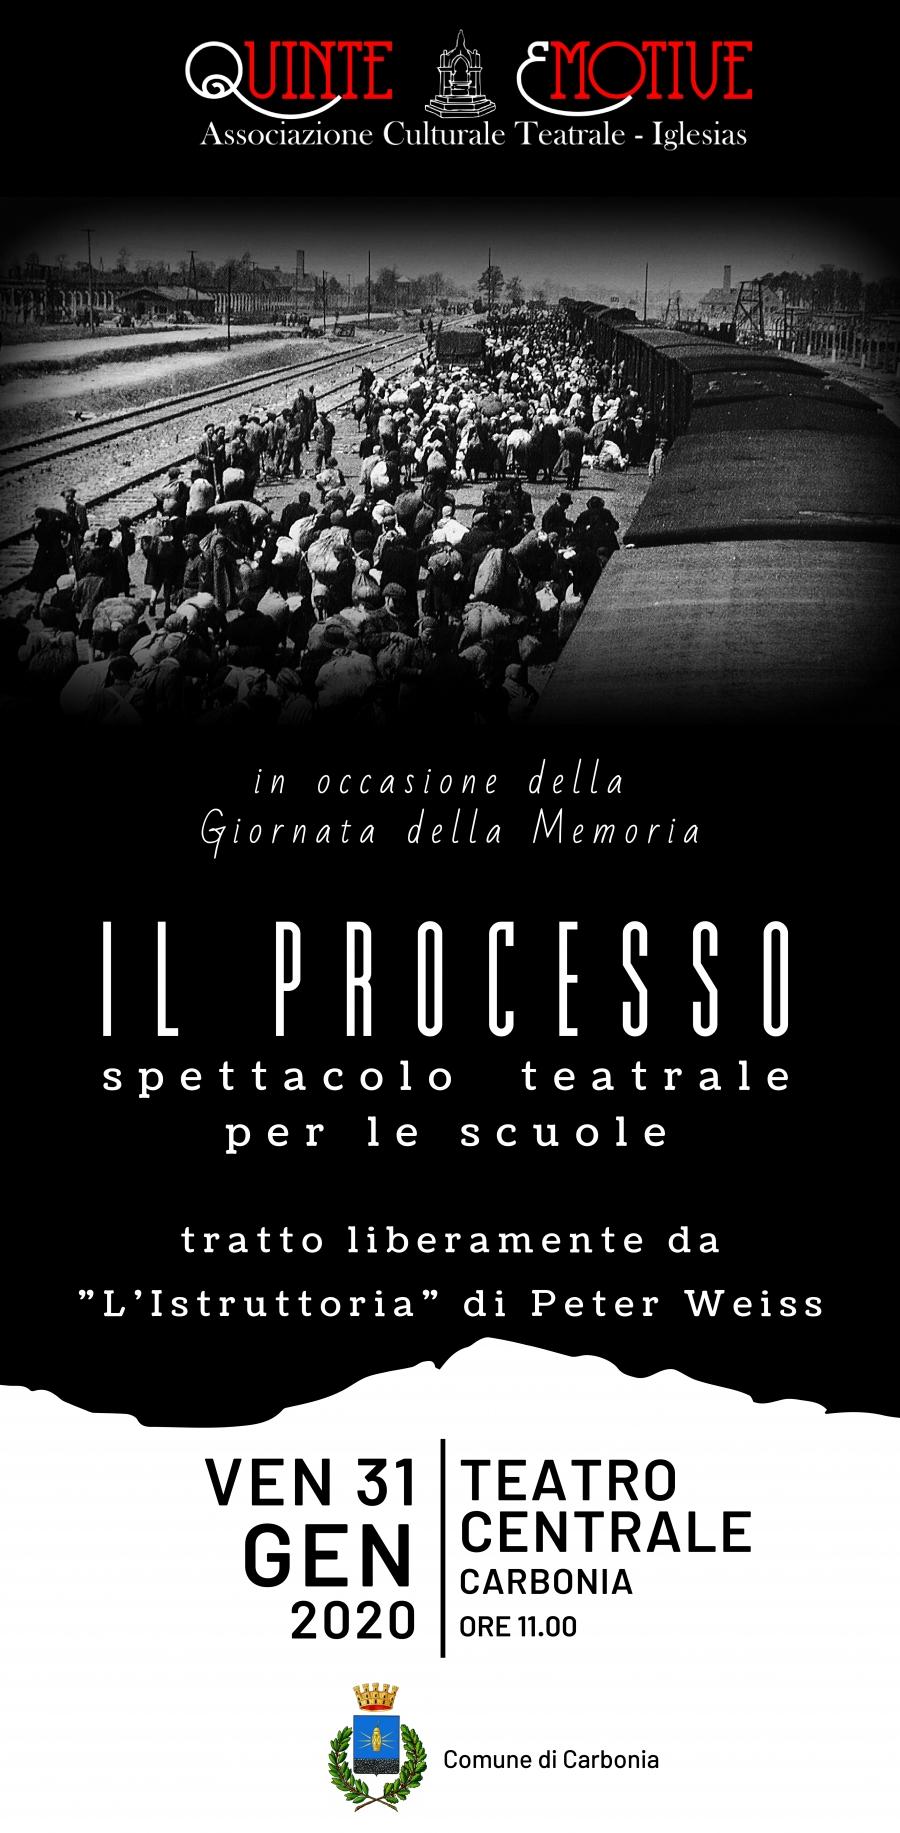 Comune Di Carbonia Venerdi 31 Gennaio Alle Ore 11 Al Teatro